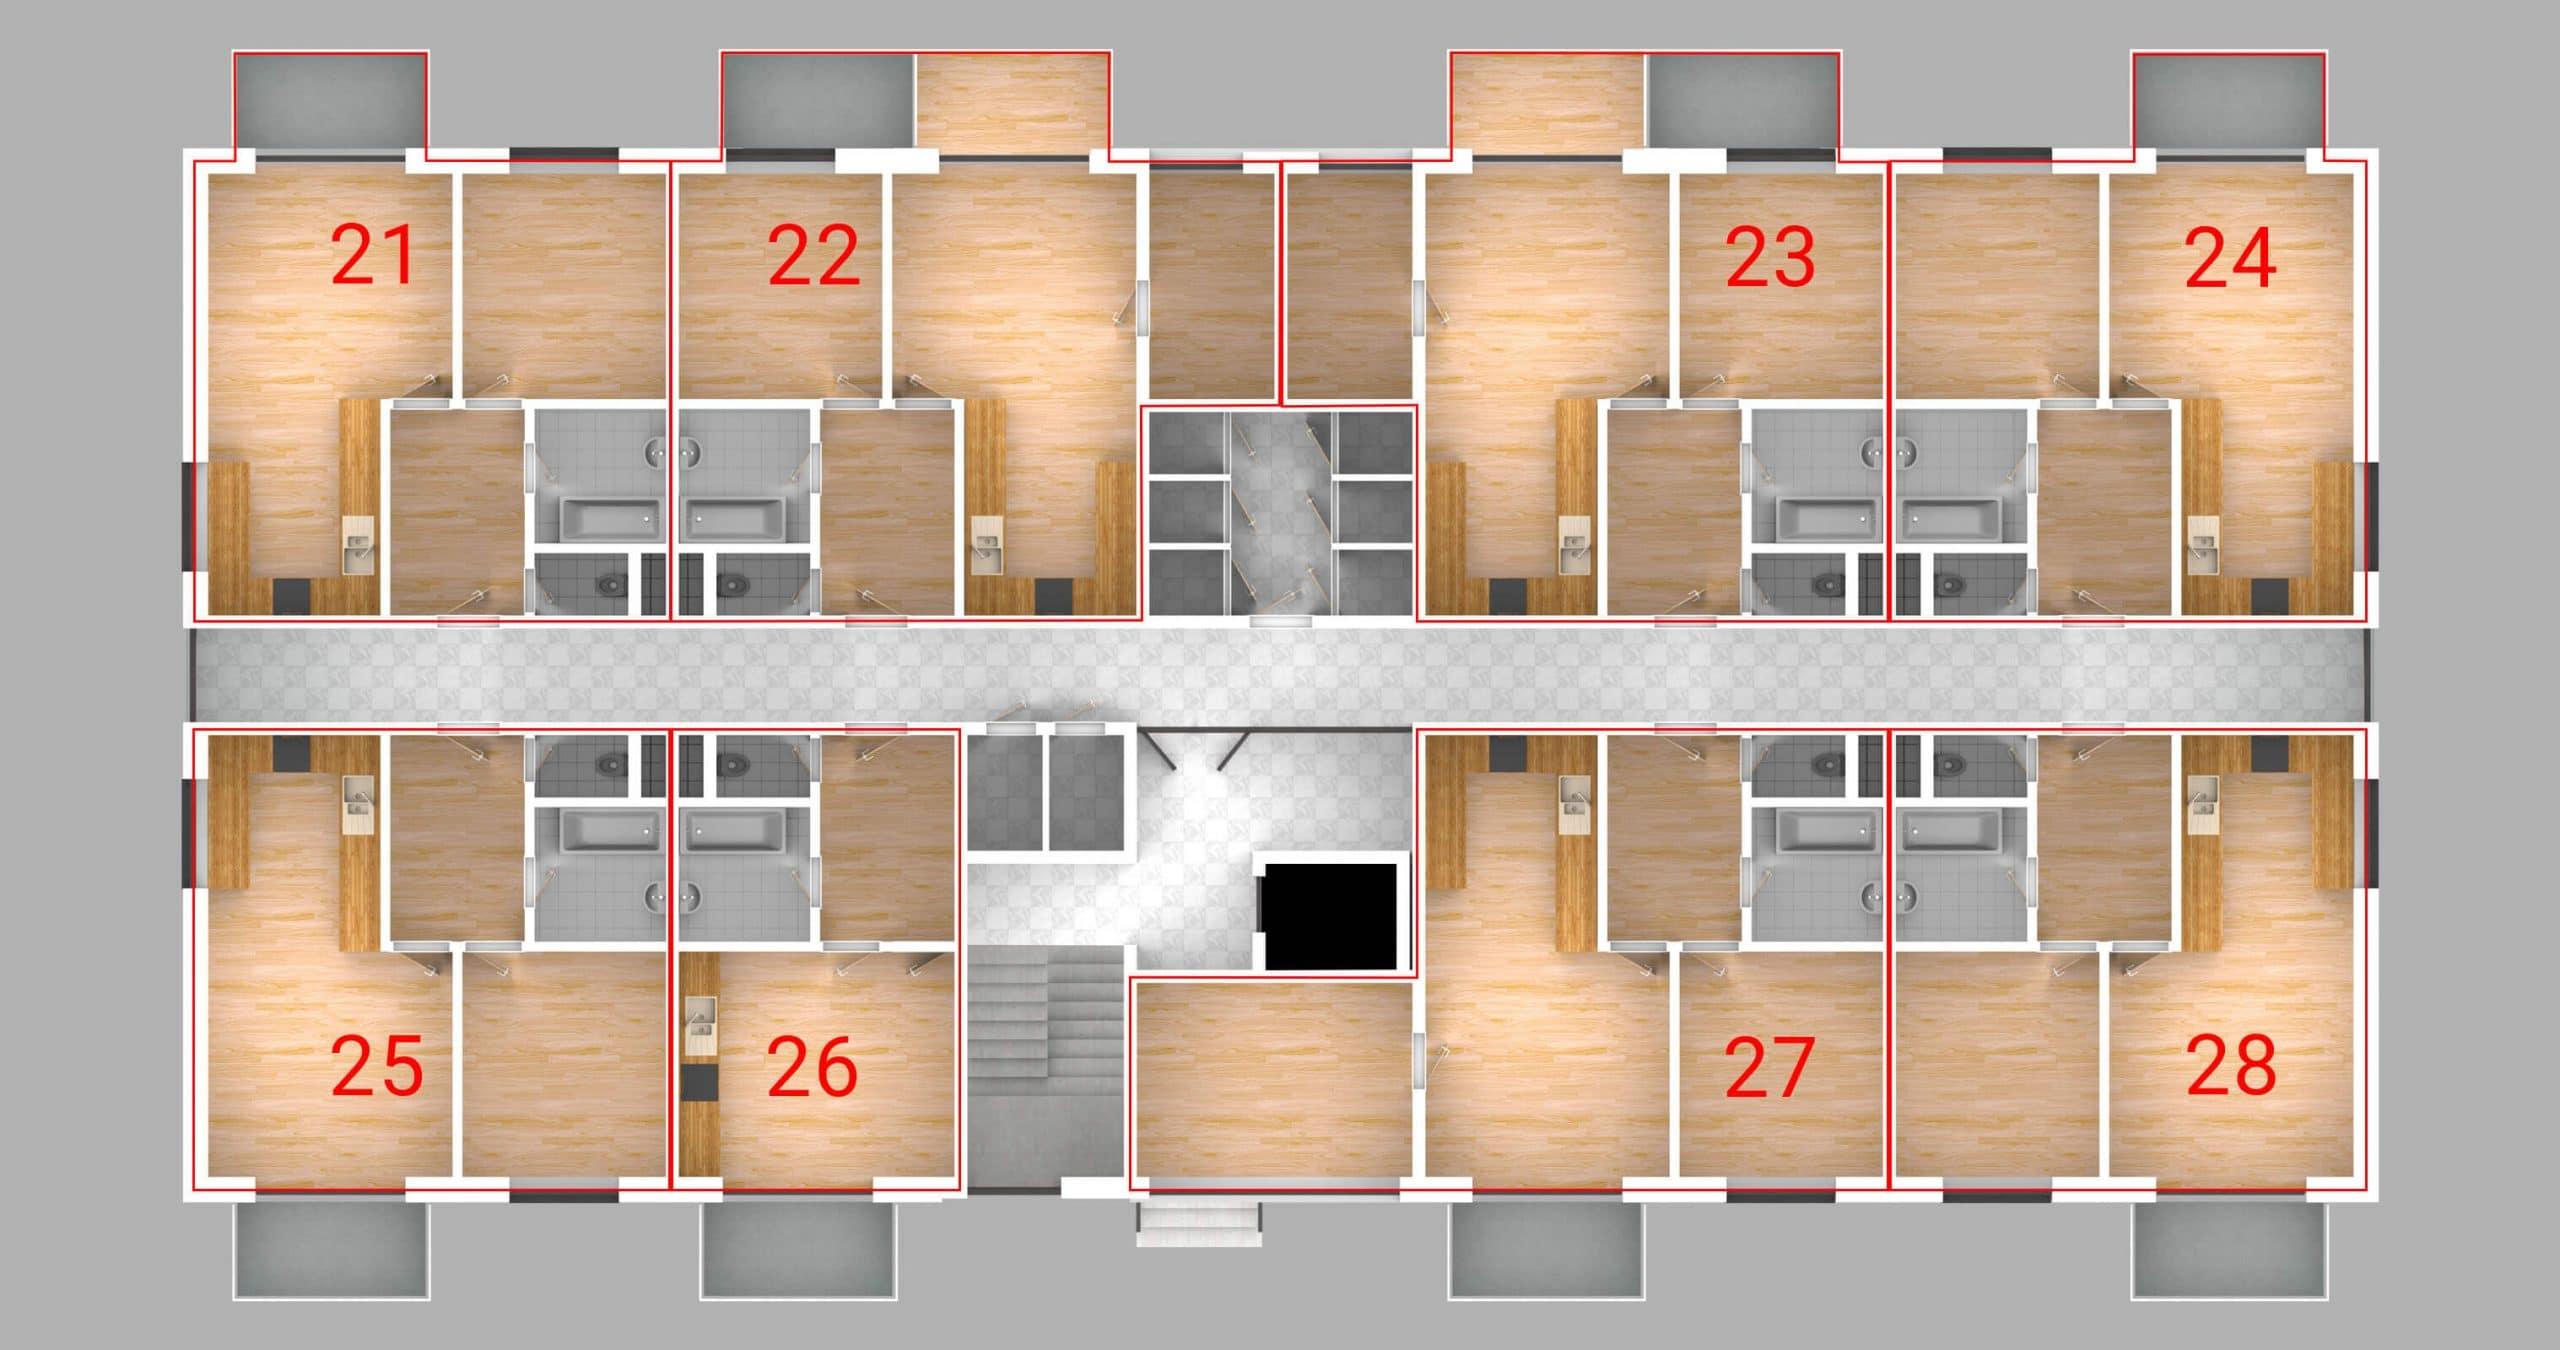 Bytovy dom vivien dispozicie bytov 2.P scaled